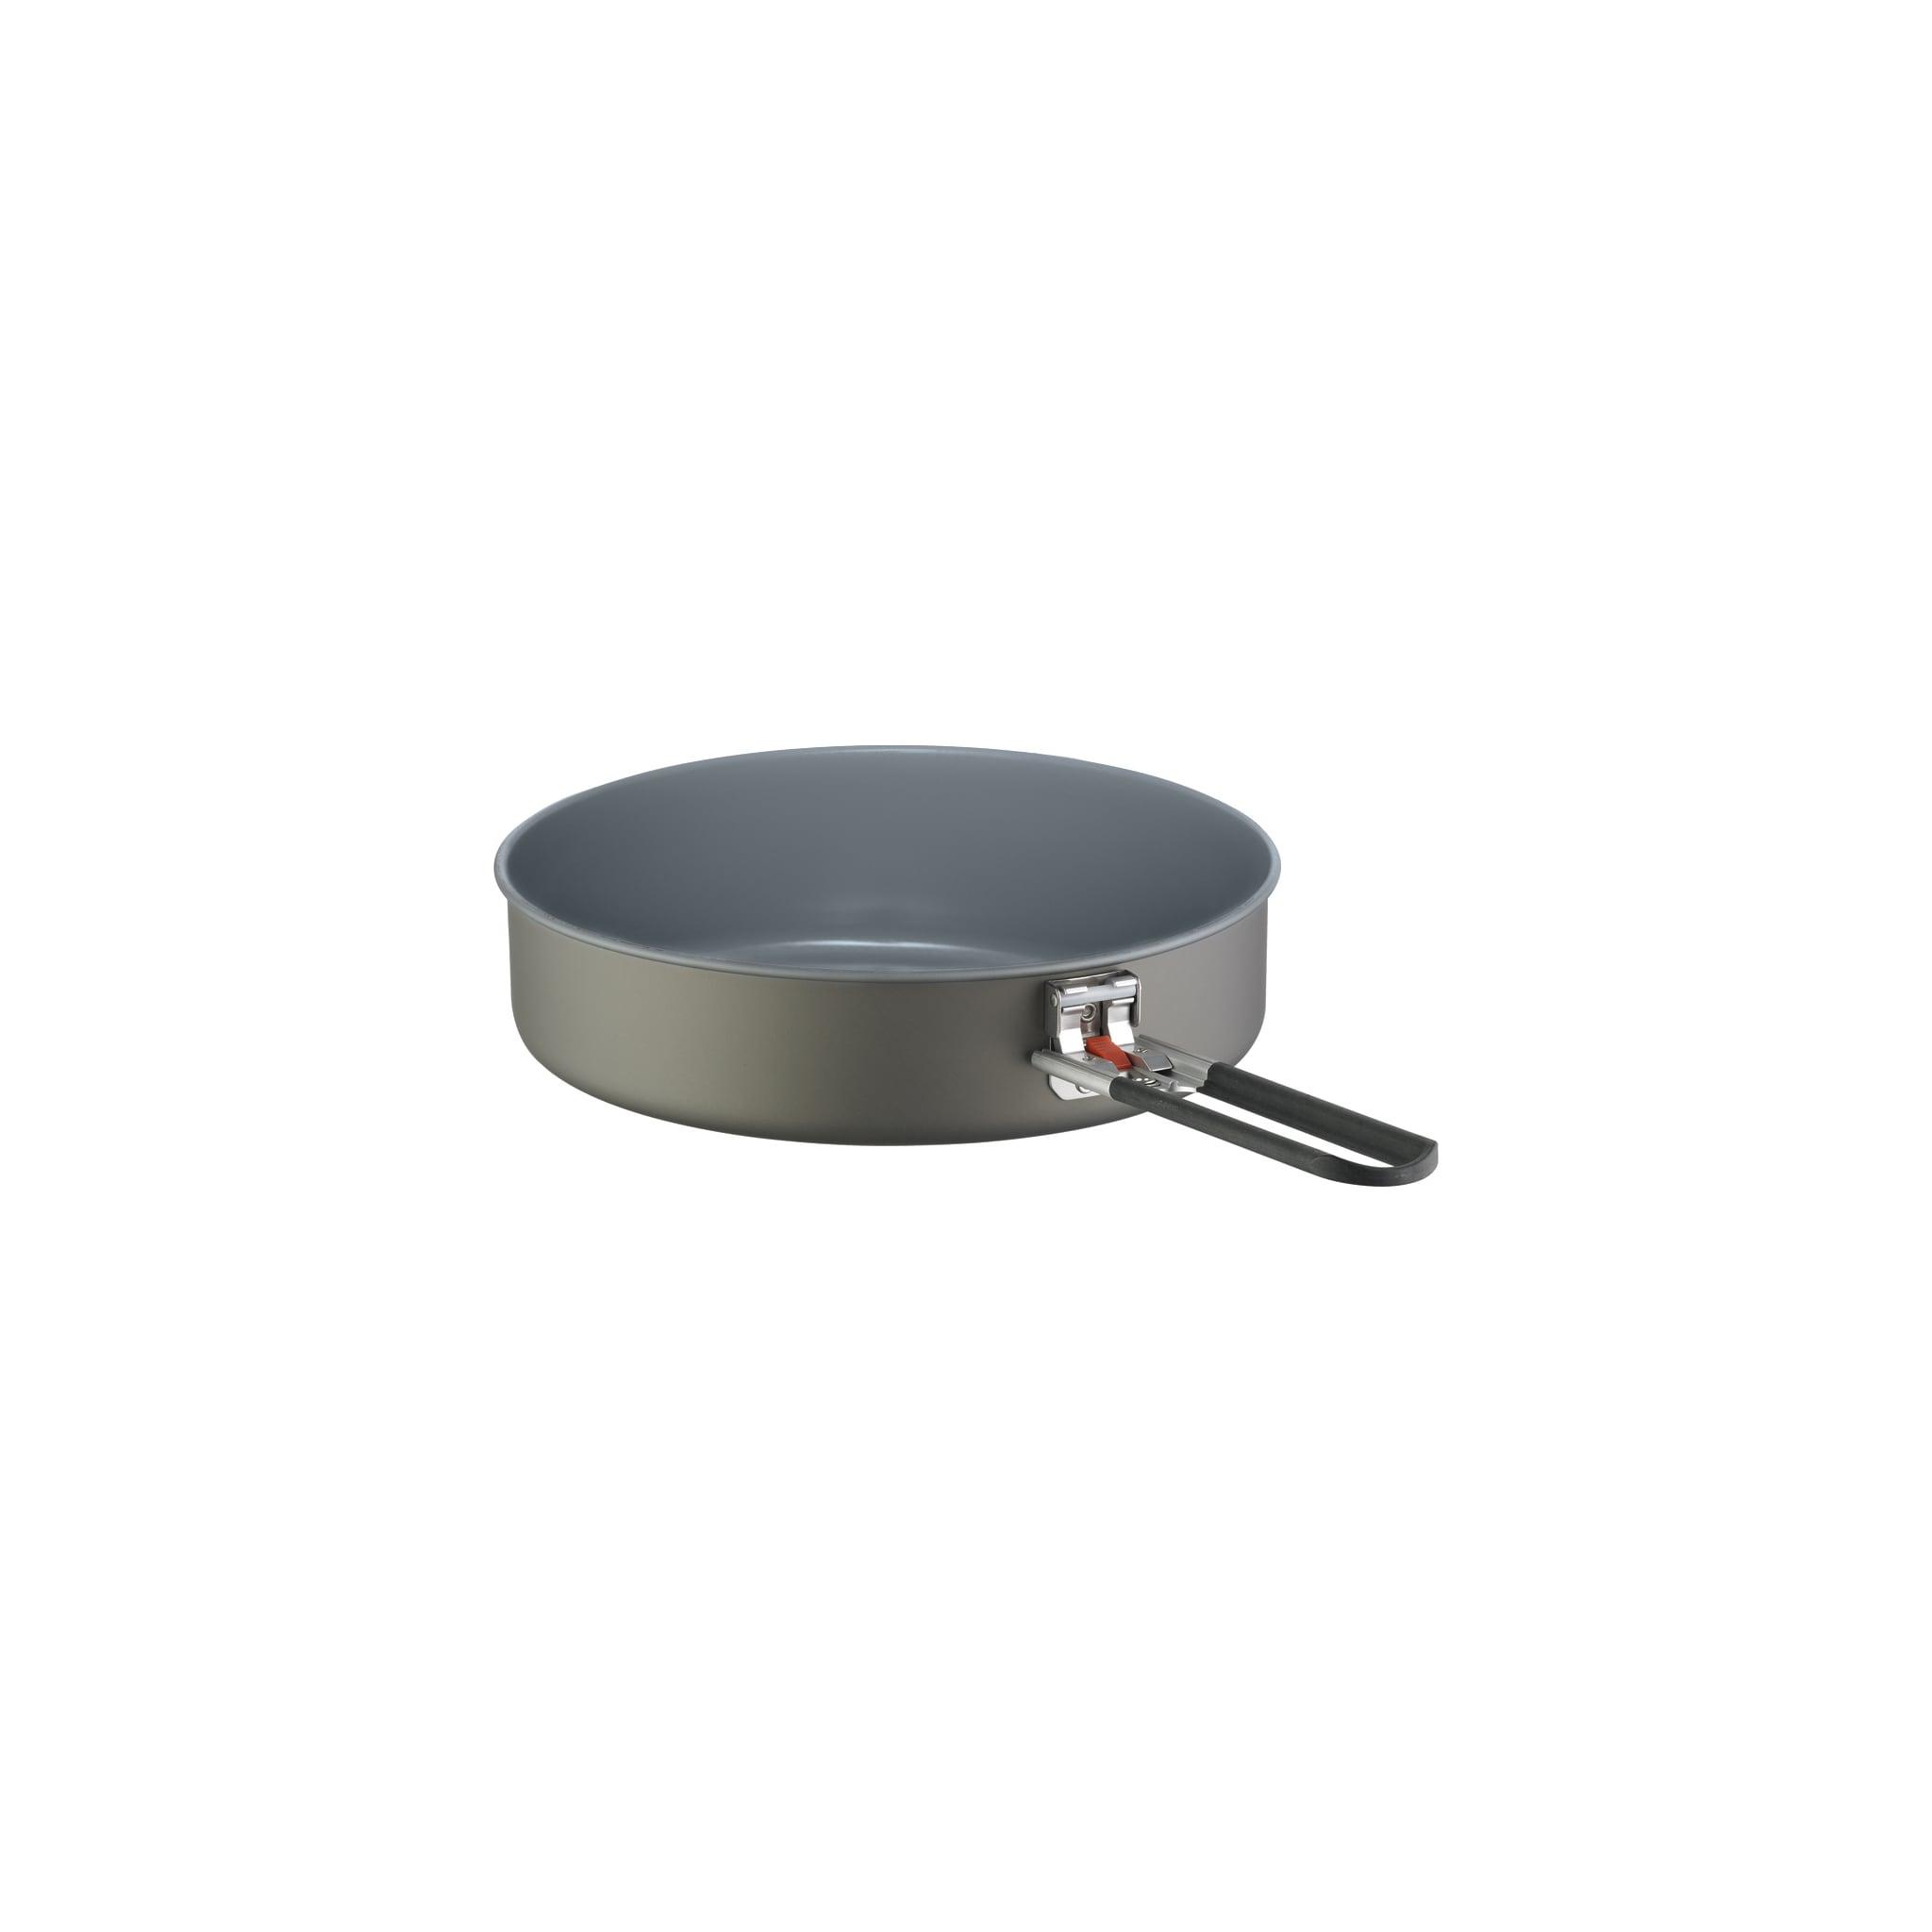 Lett stekepanne i aluminium med keramisk belegg